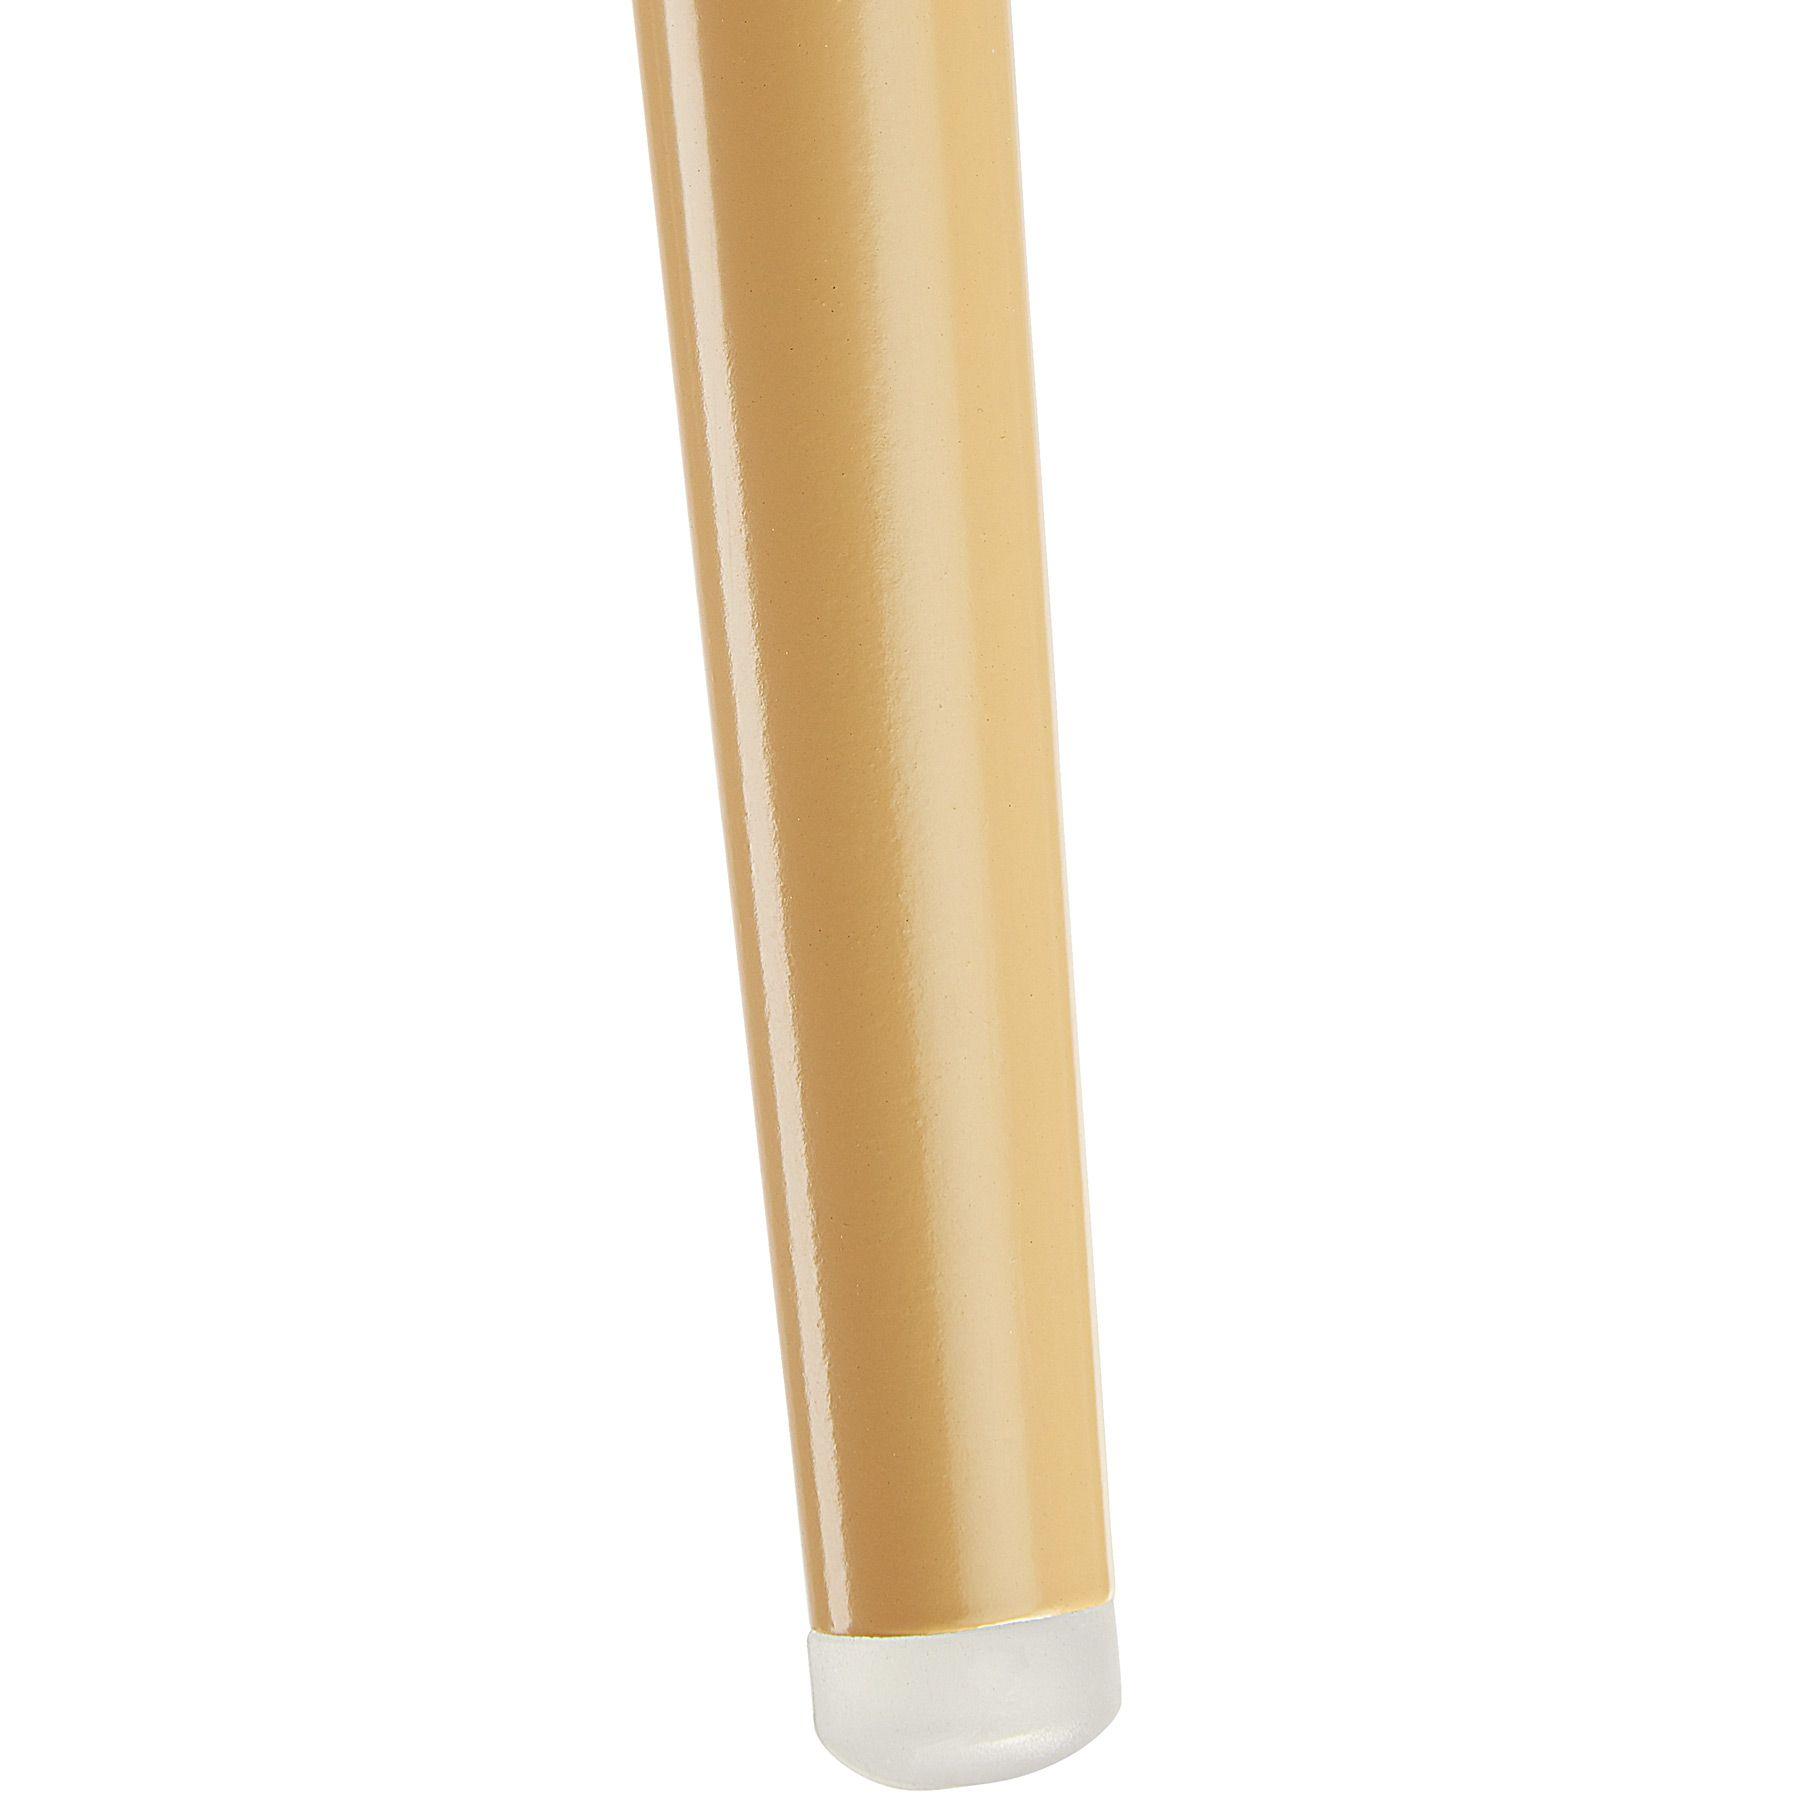 TecTake 402981 Chaise Fauteuil de Salle /à Manger de Bureau de Salon Rembourr/é Confort Design Scandinave 55 cm x 54 cm x 82,5 cm Gris